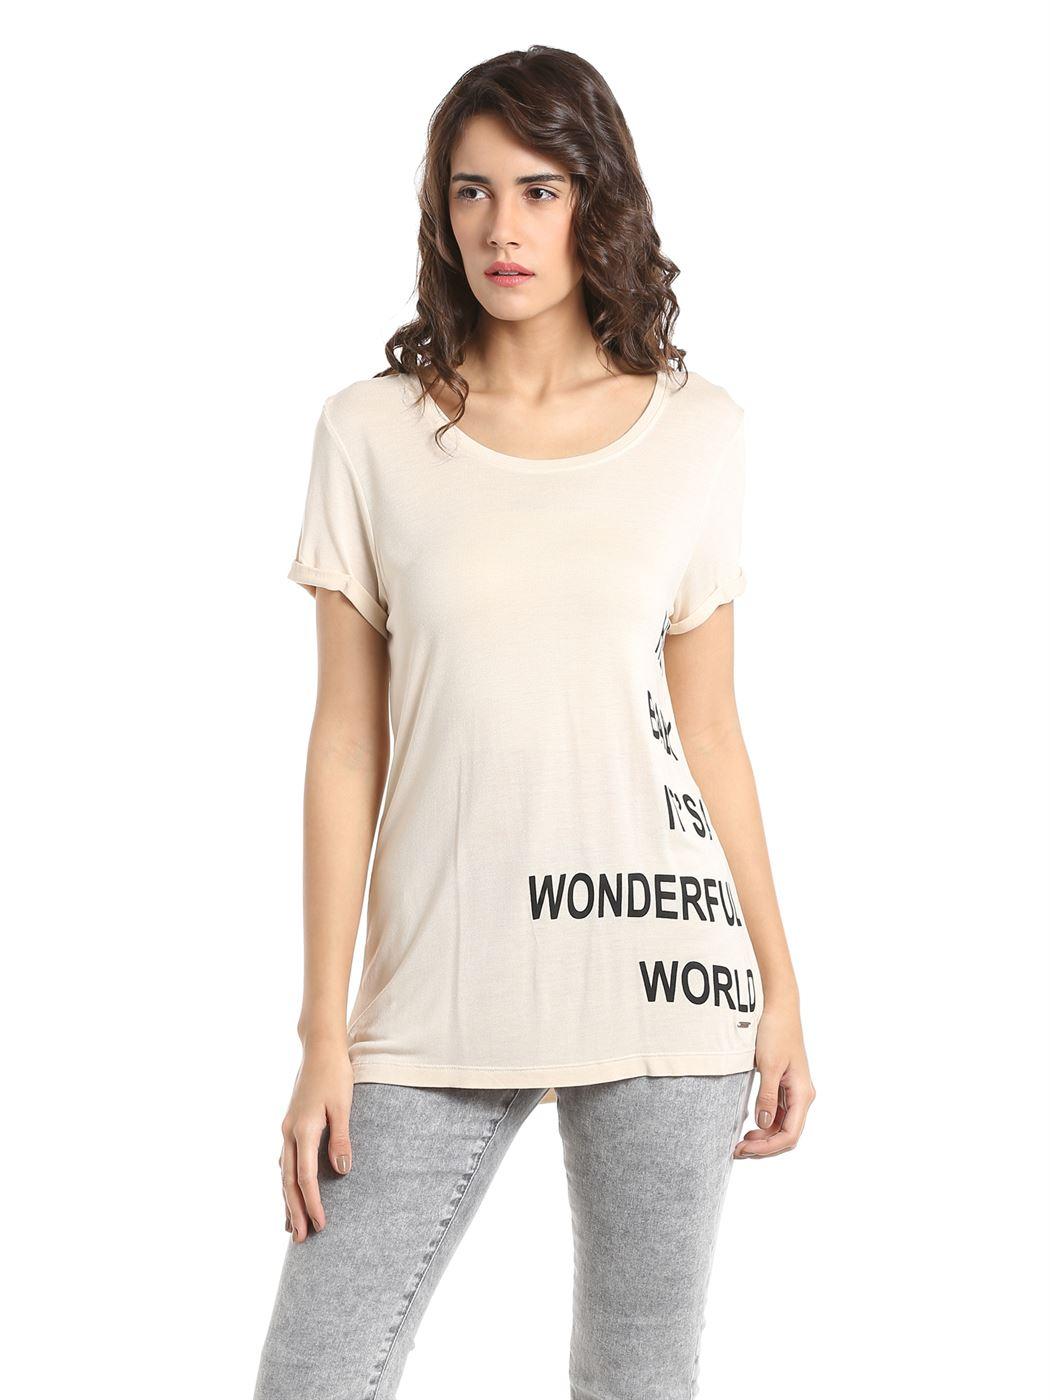 Vero Moda Women Casual Wear Printed T-Shirt